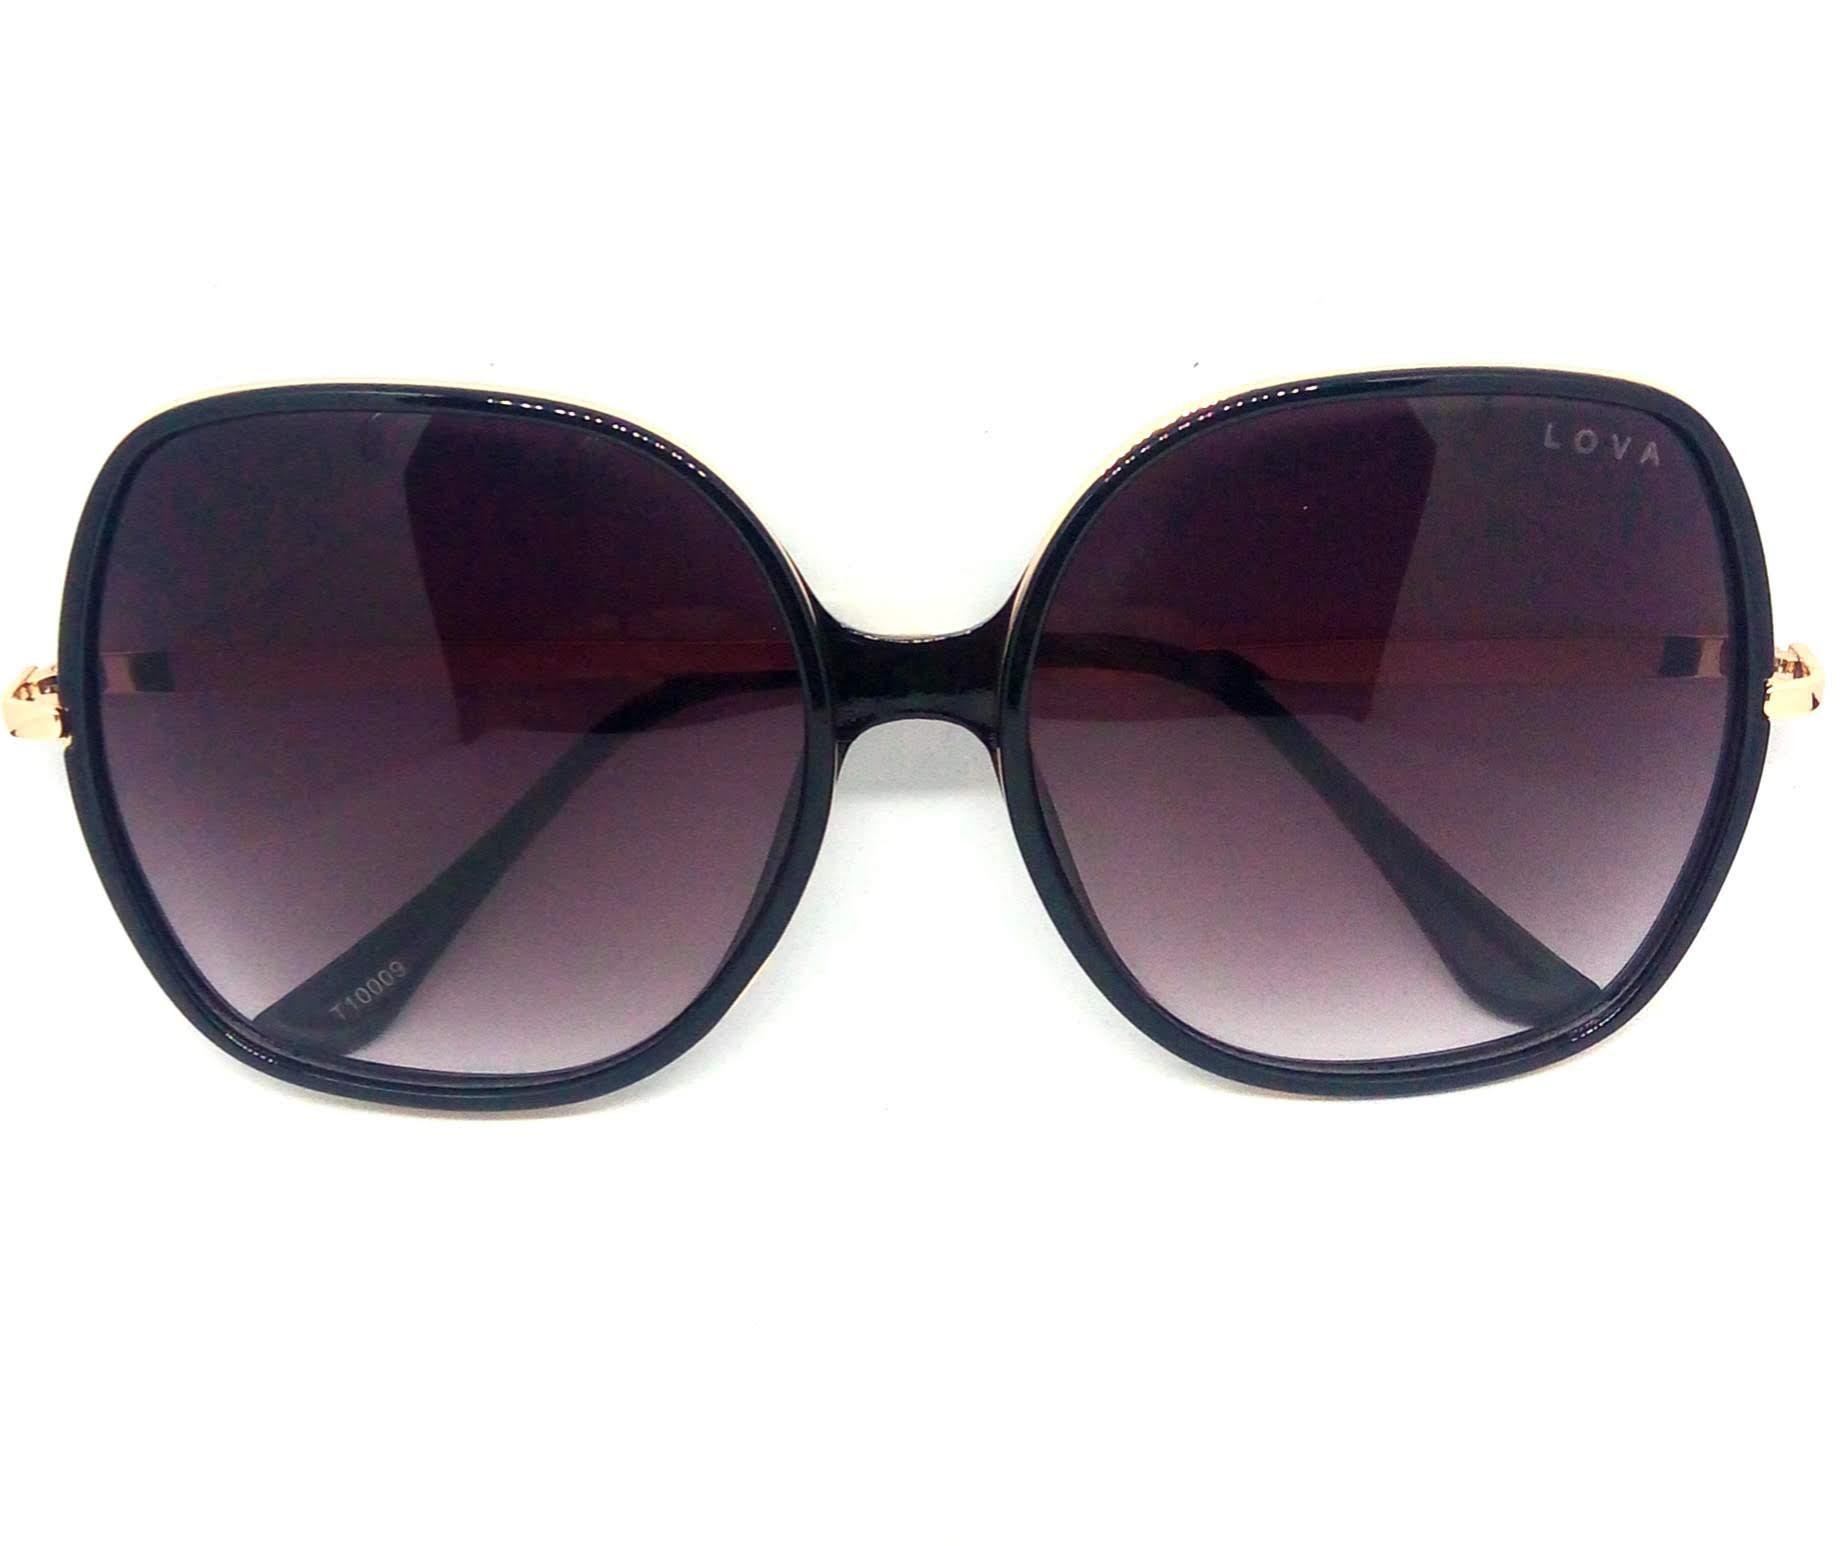 Óculos De Sol Feminino Poderosa Lova